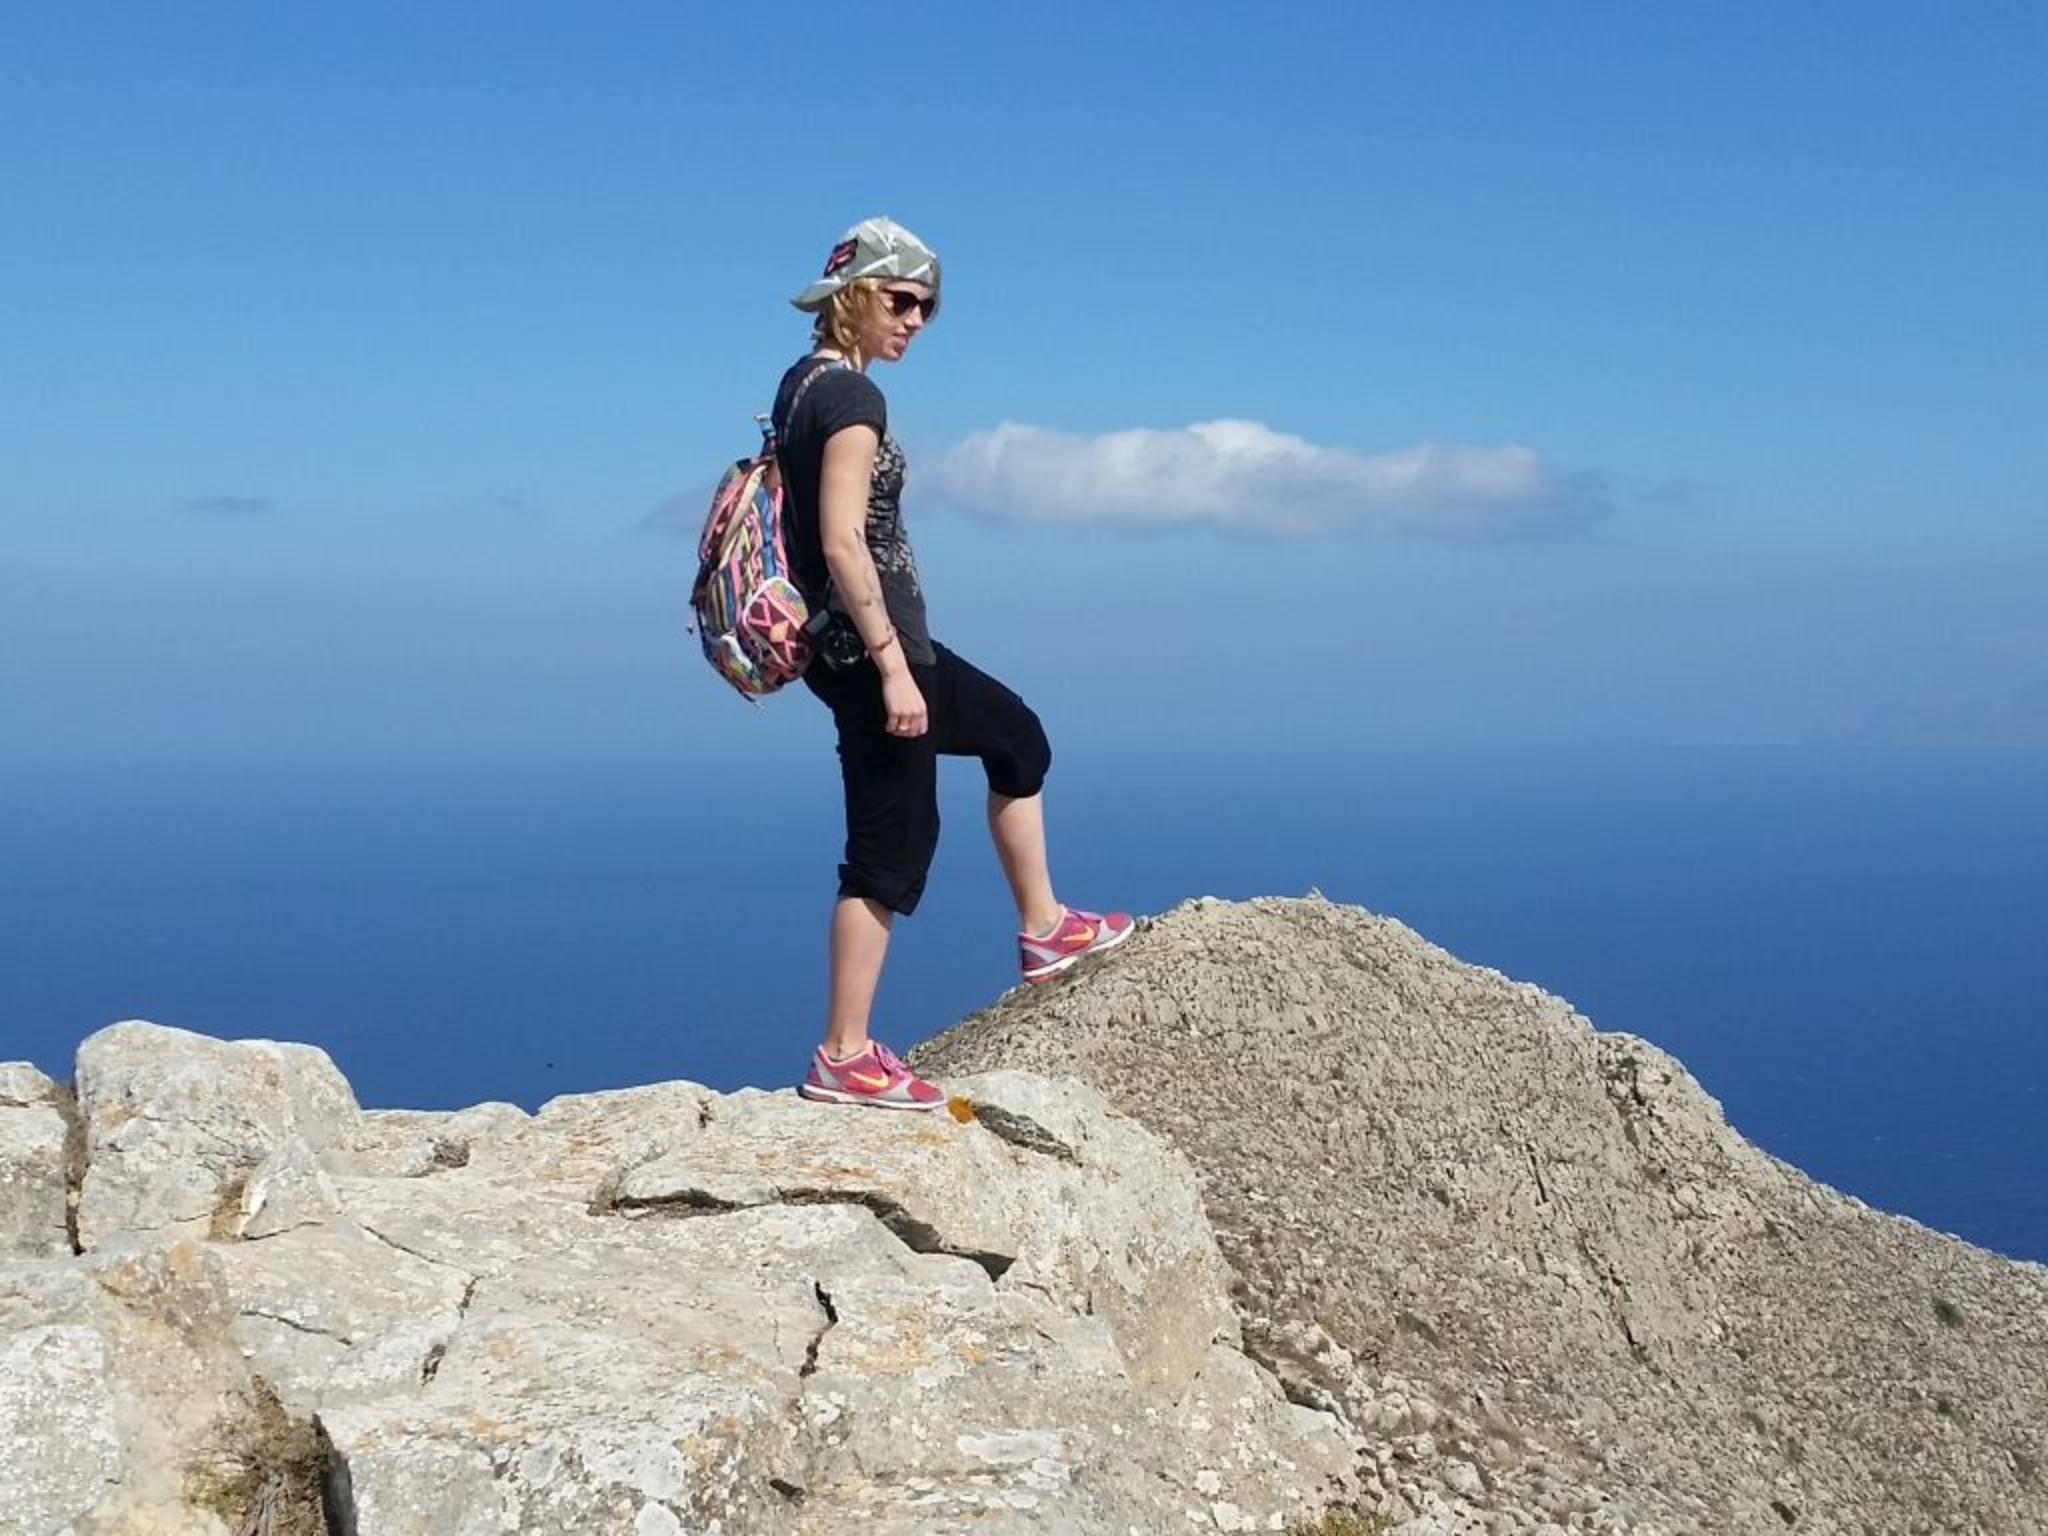 Der Bergrücken im Hintergrund ist weit entfernt und scheinbar dennoch mit einem kleinen Schritt erreichbar.